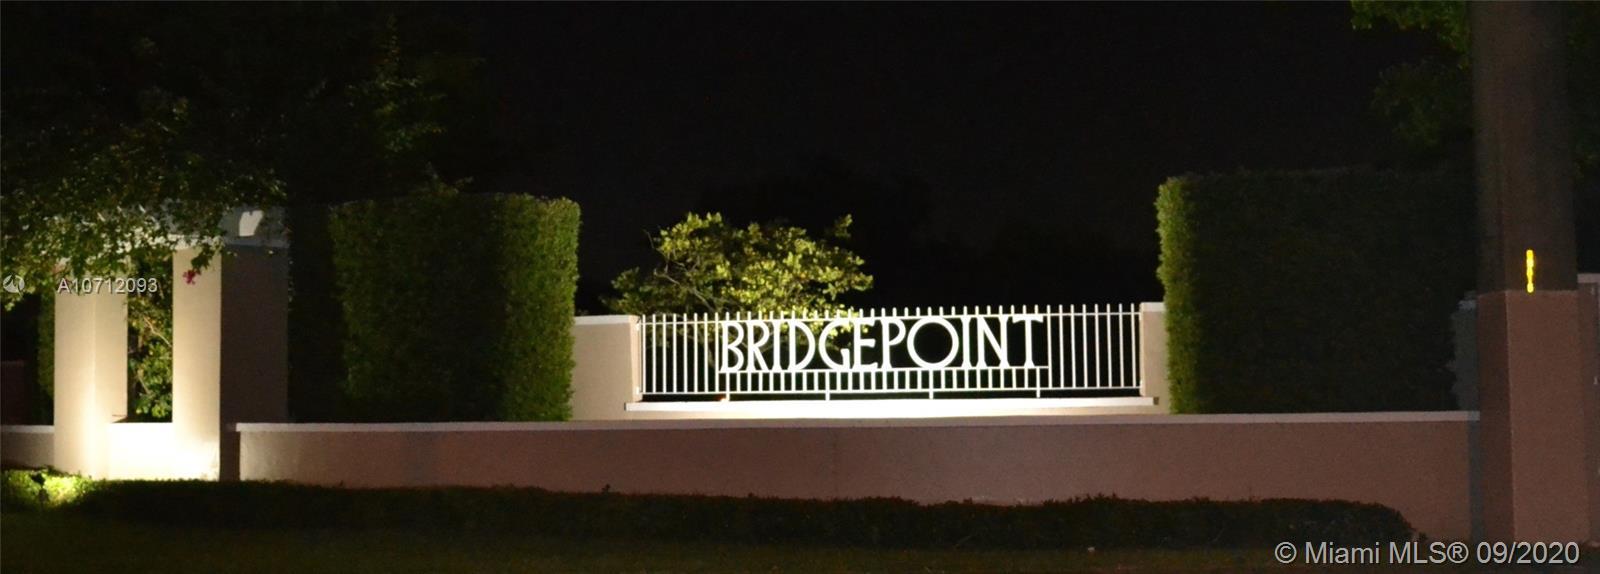 Bridgepoint # - 67 - photo